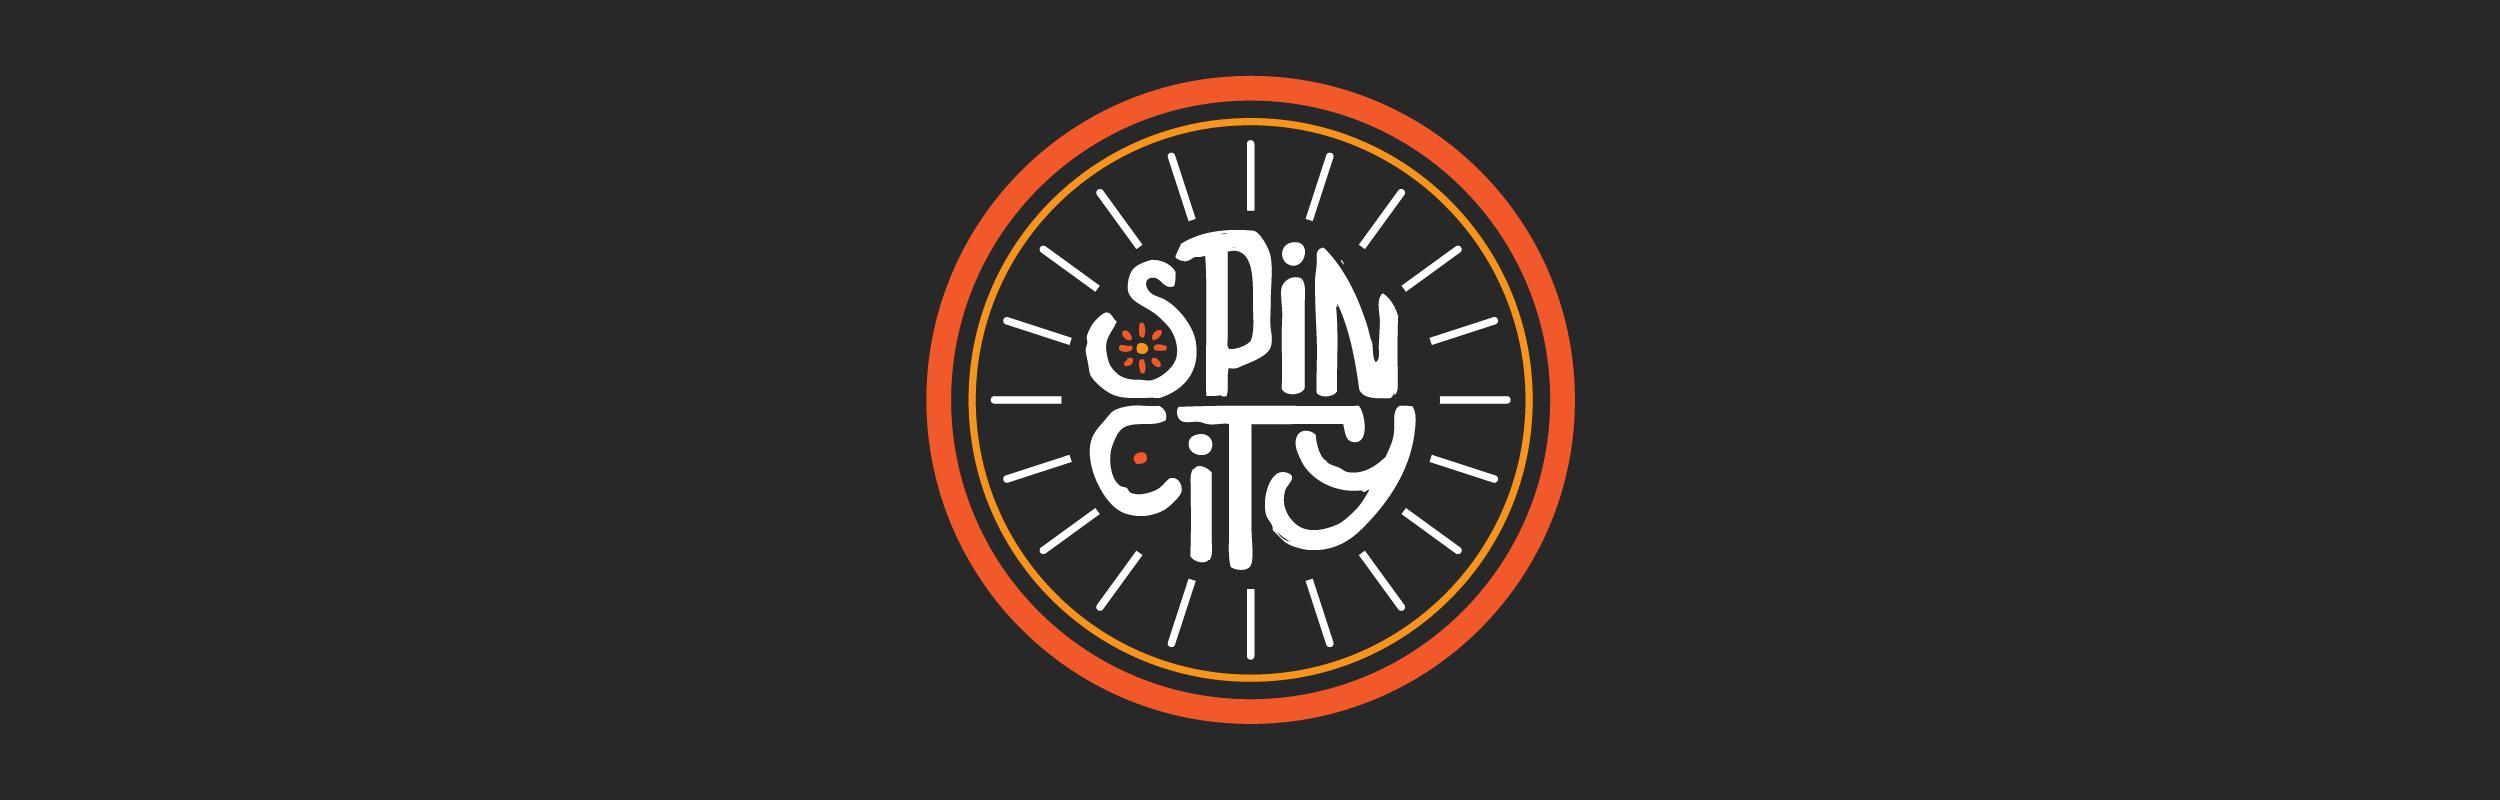 Spin City Logo.jpg